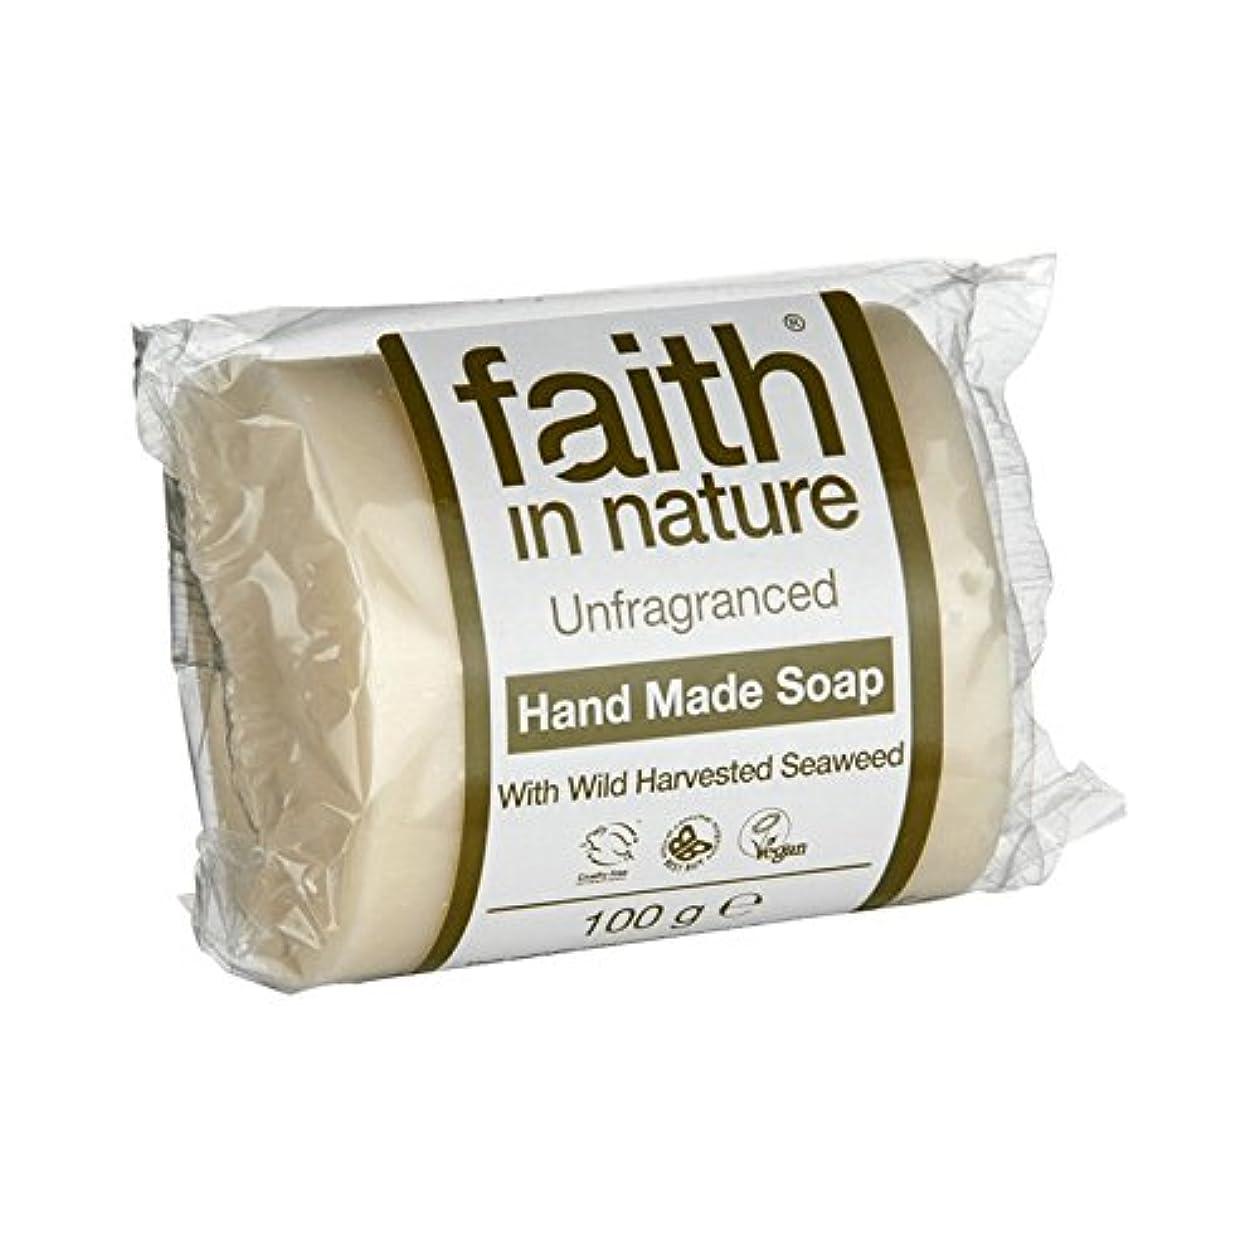 実証するテレビアパートFaith in Nature Unfragranced Seaweed Soap 100g (Pack of 6) - 自然無香料海藻石鹸100グラムの信仰 (x6) [並行輸入品]